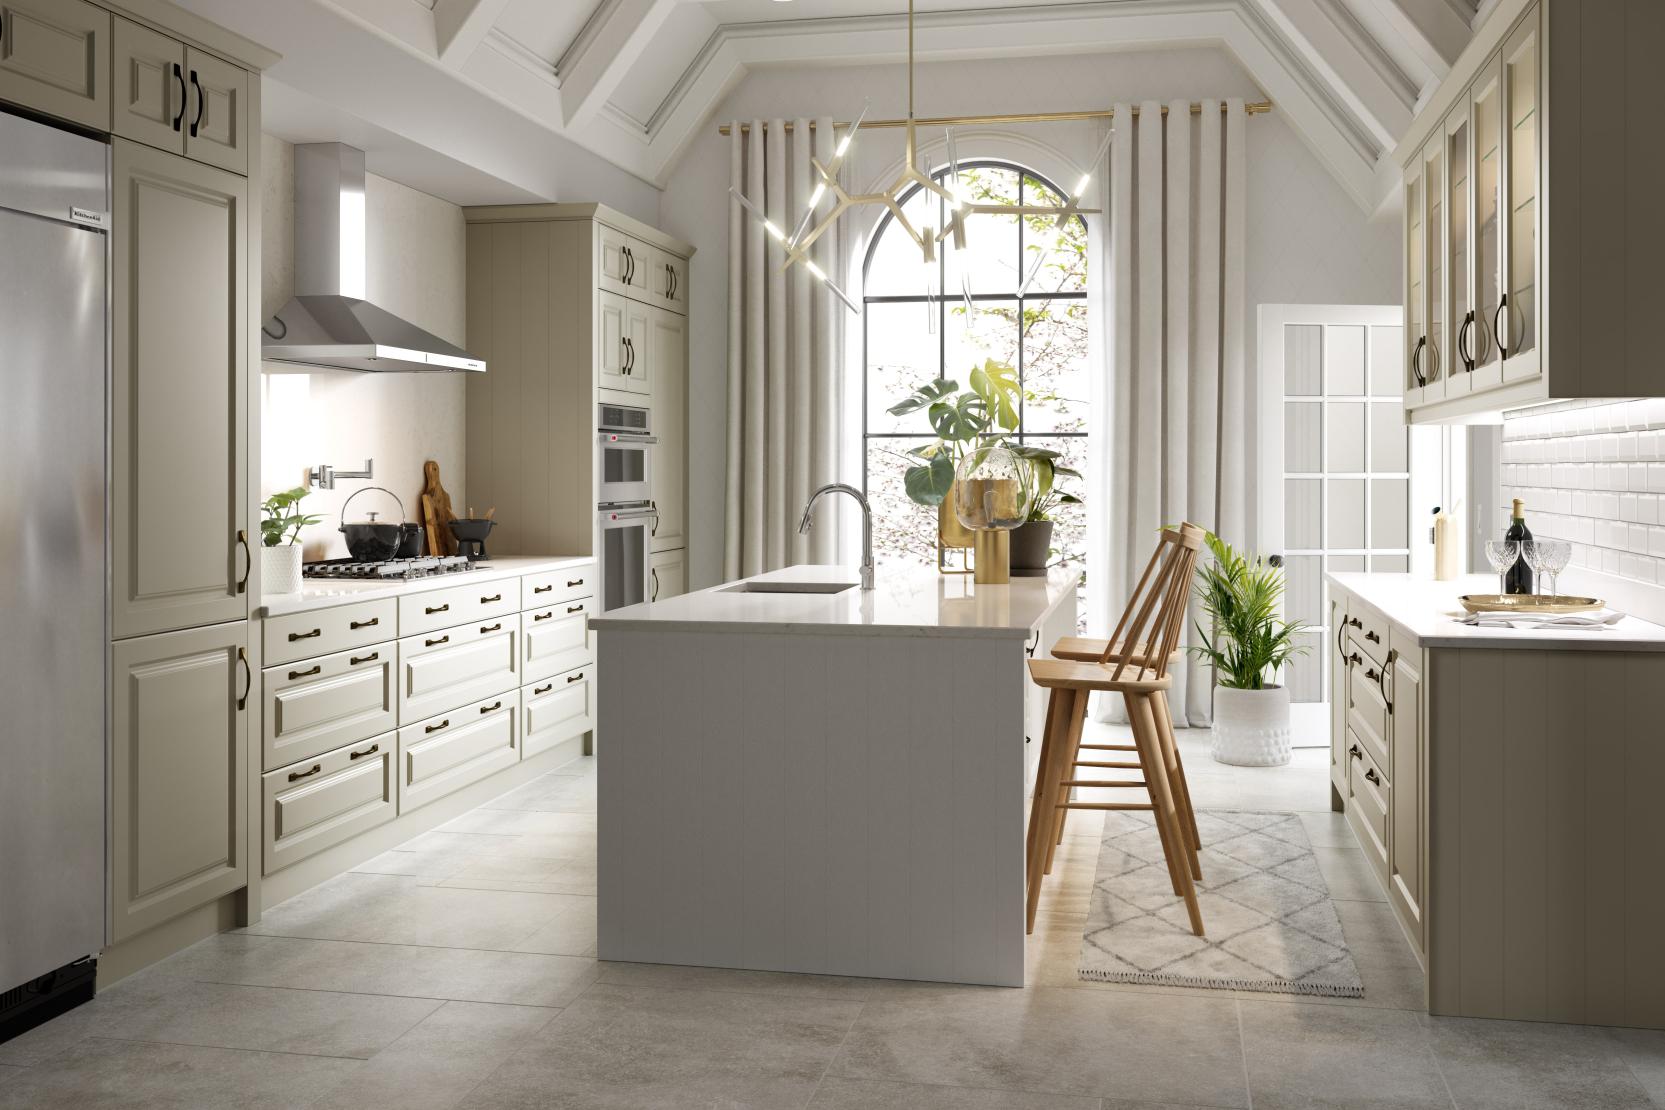 Wren Kitchens European Kitchen Design Made In The Usa